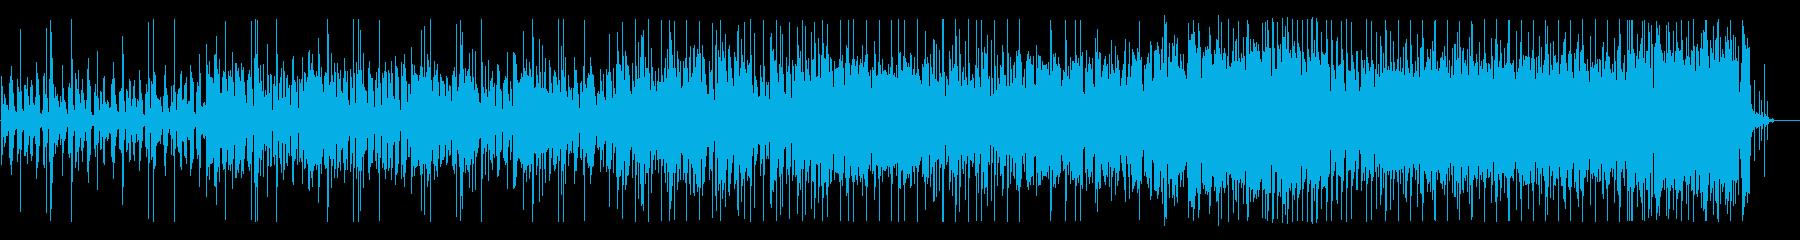 魔法使いの実験室 ヘンテコ不思議なBGMの再生済みの波形